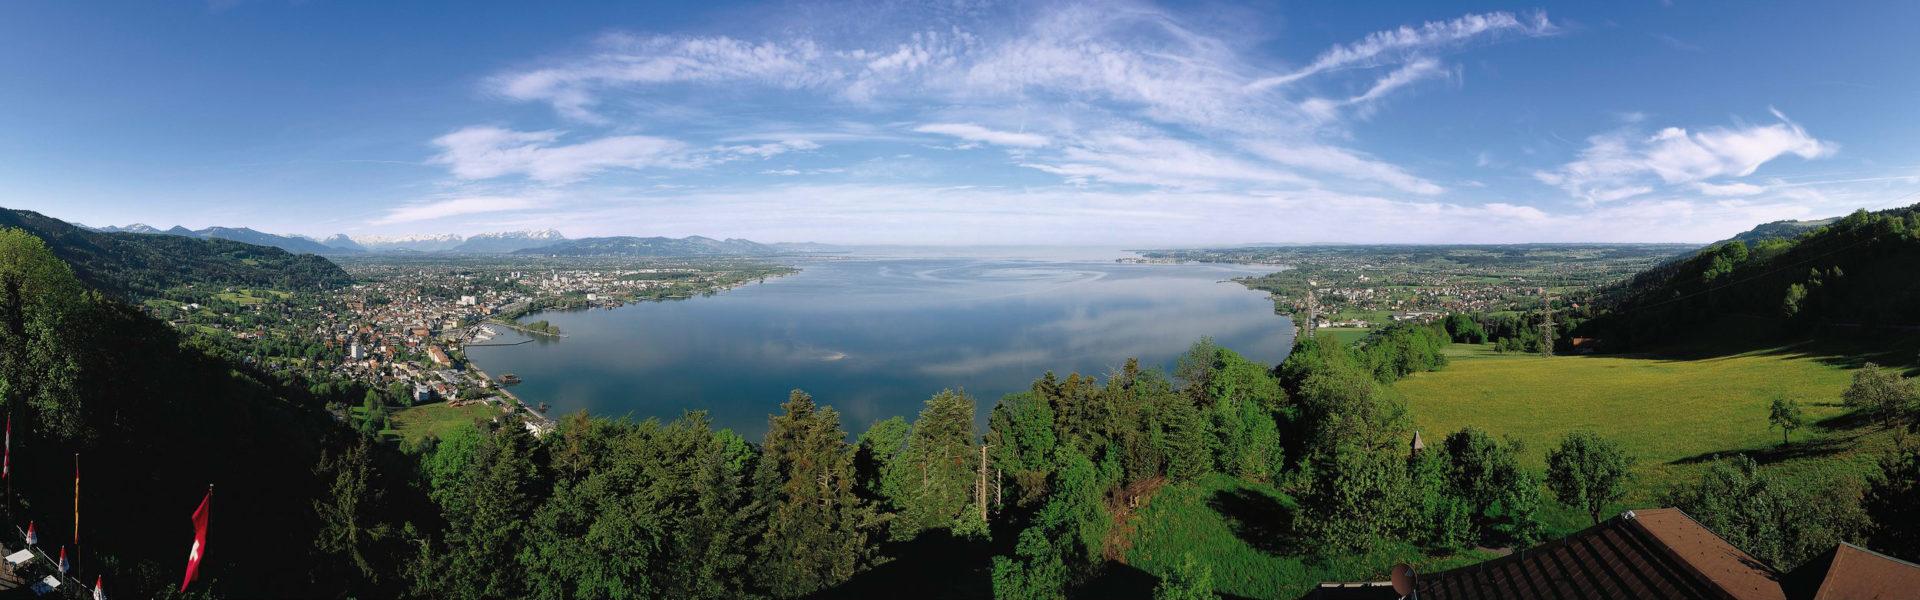 Bodensee-Panorama (c) Walter Vonbank - Vorarlberg Tourismus